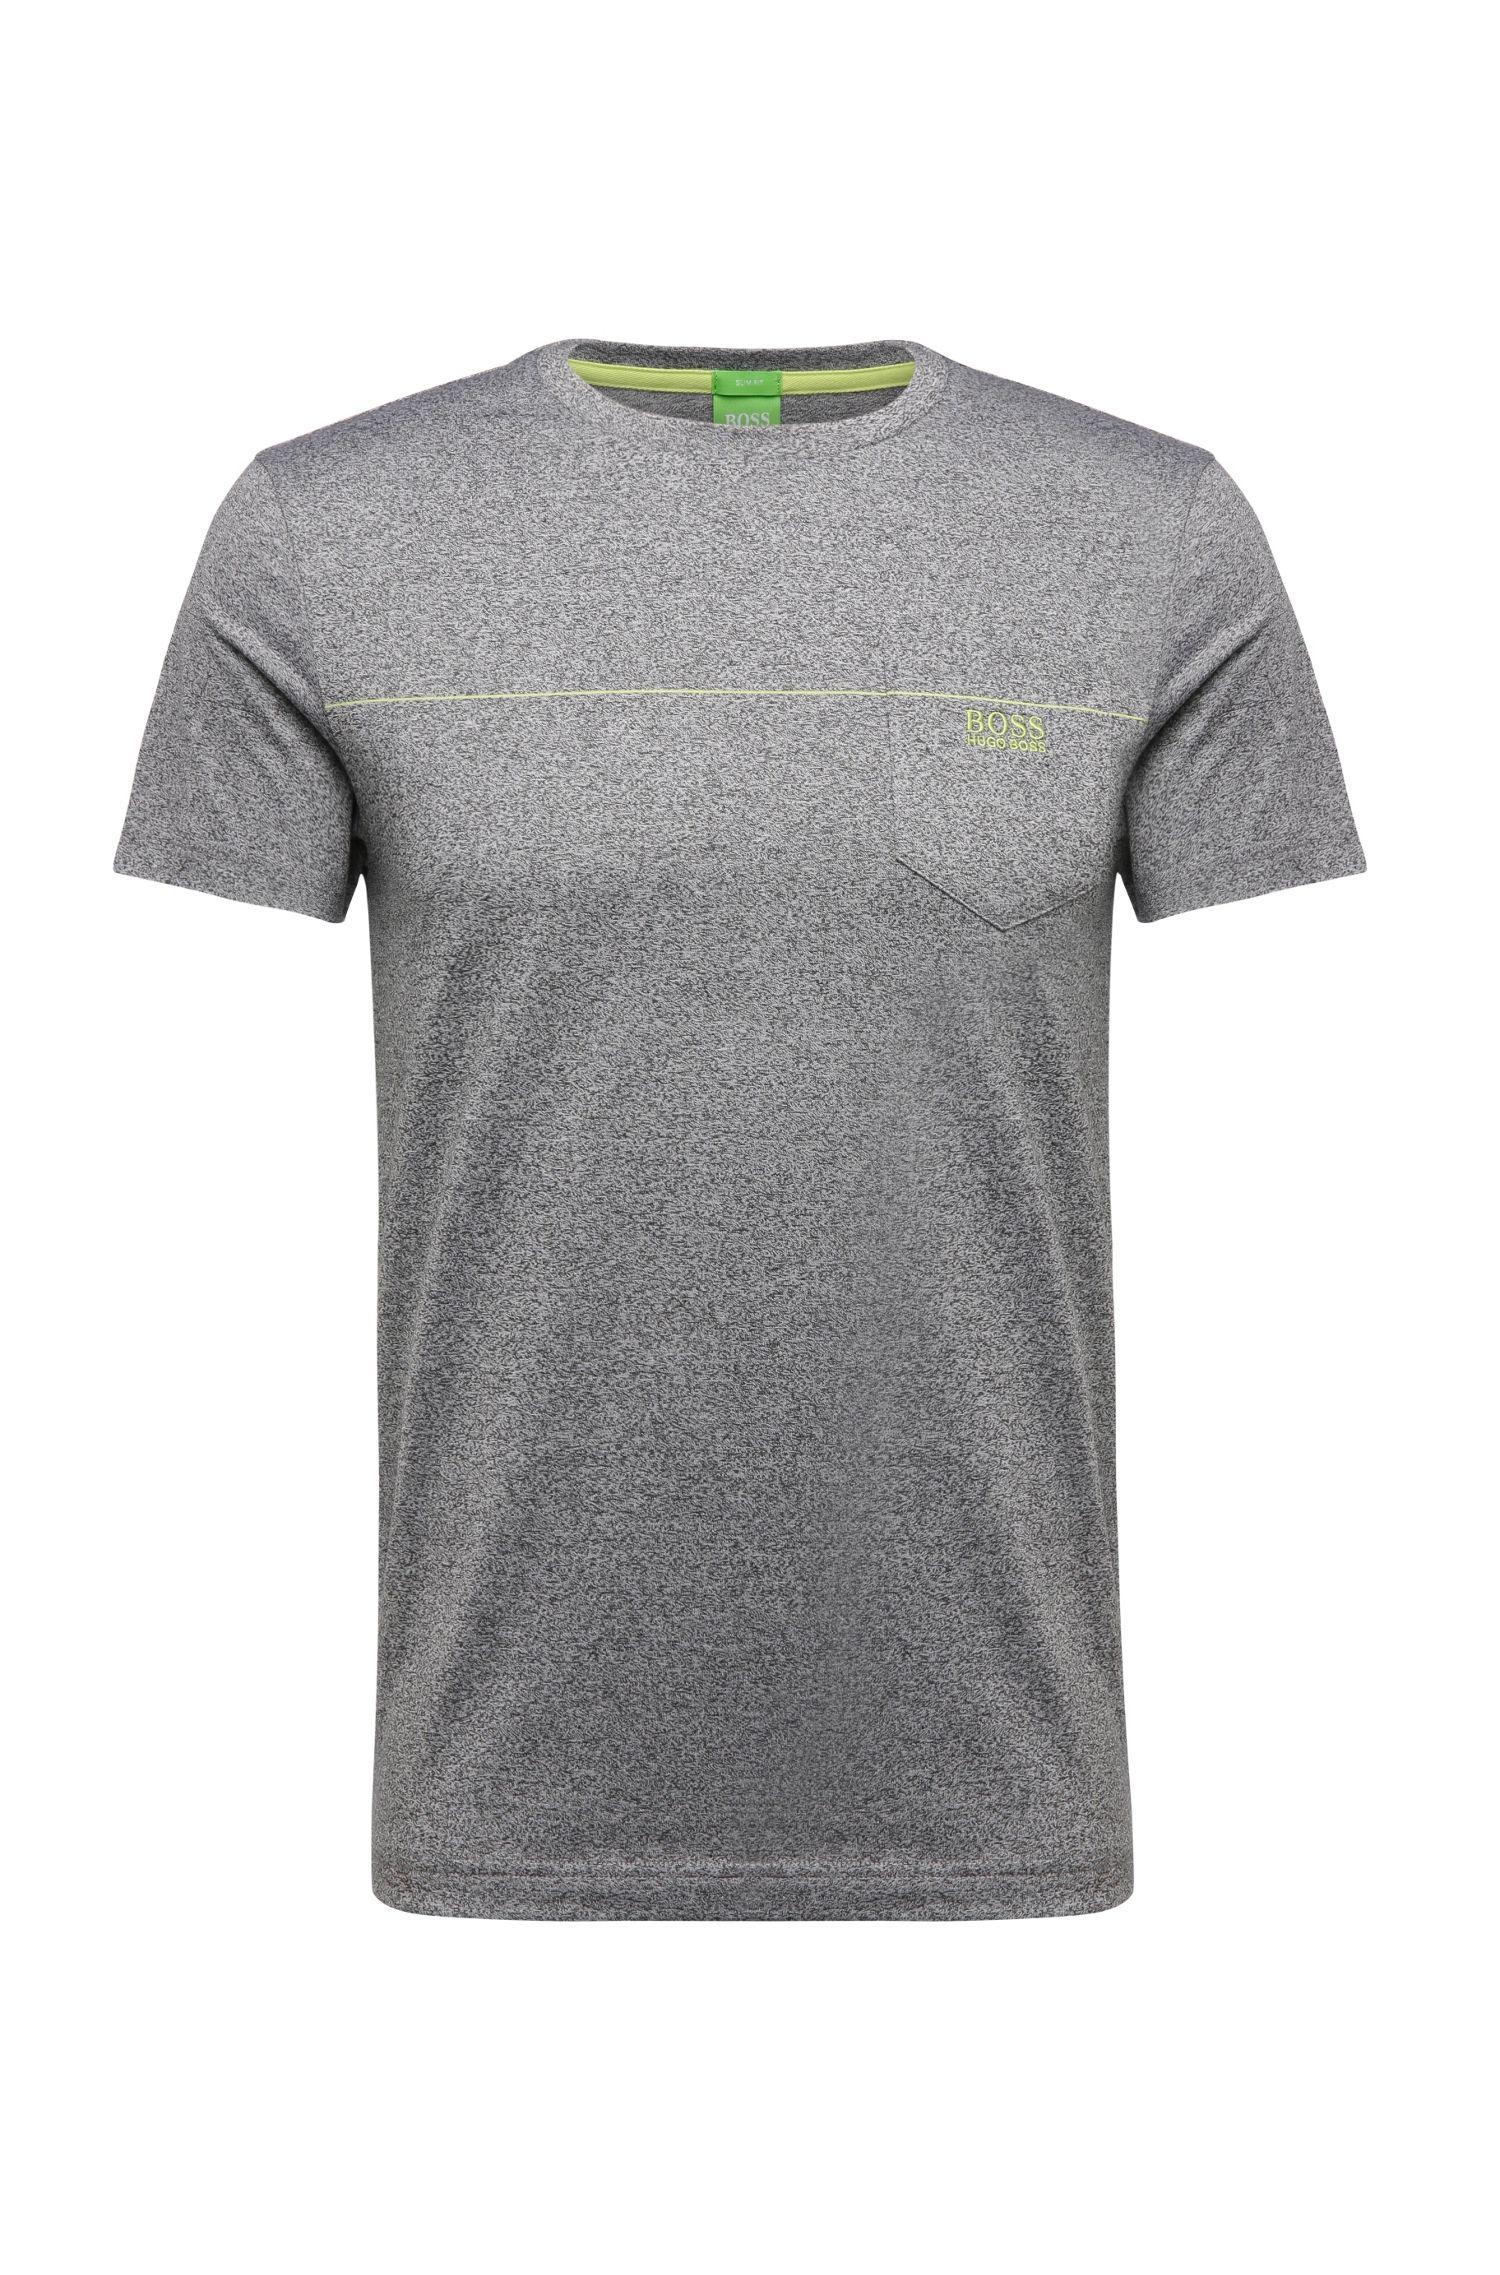 'Tee' | Cotton Blend Melange T-Shirt